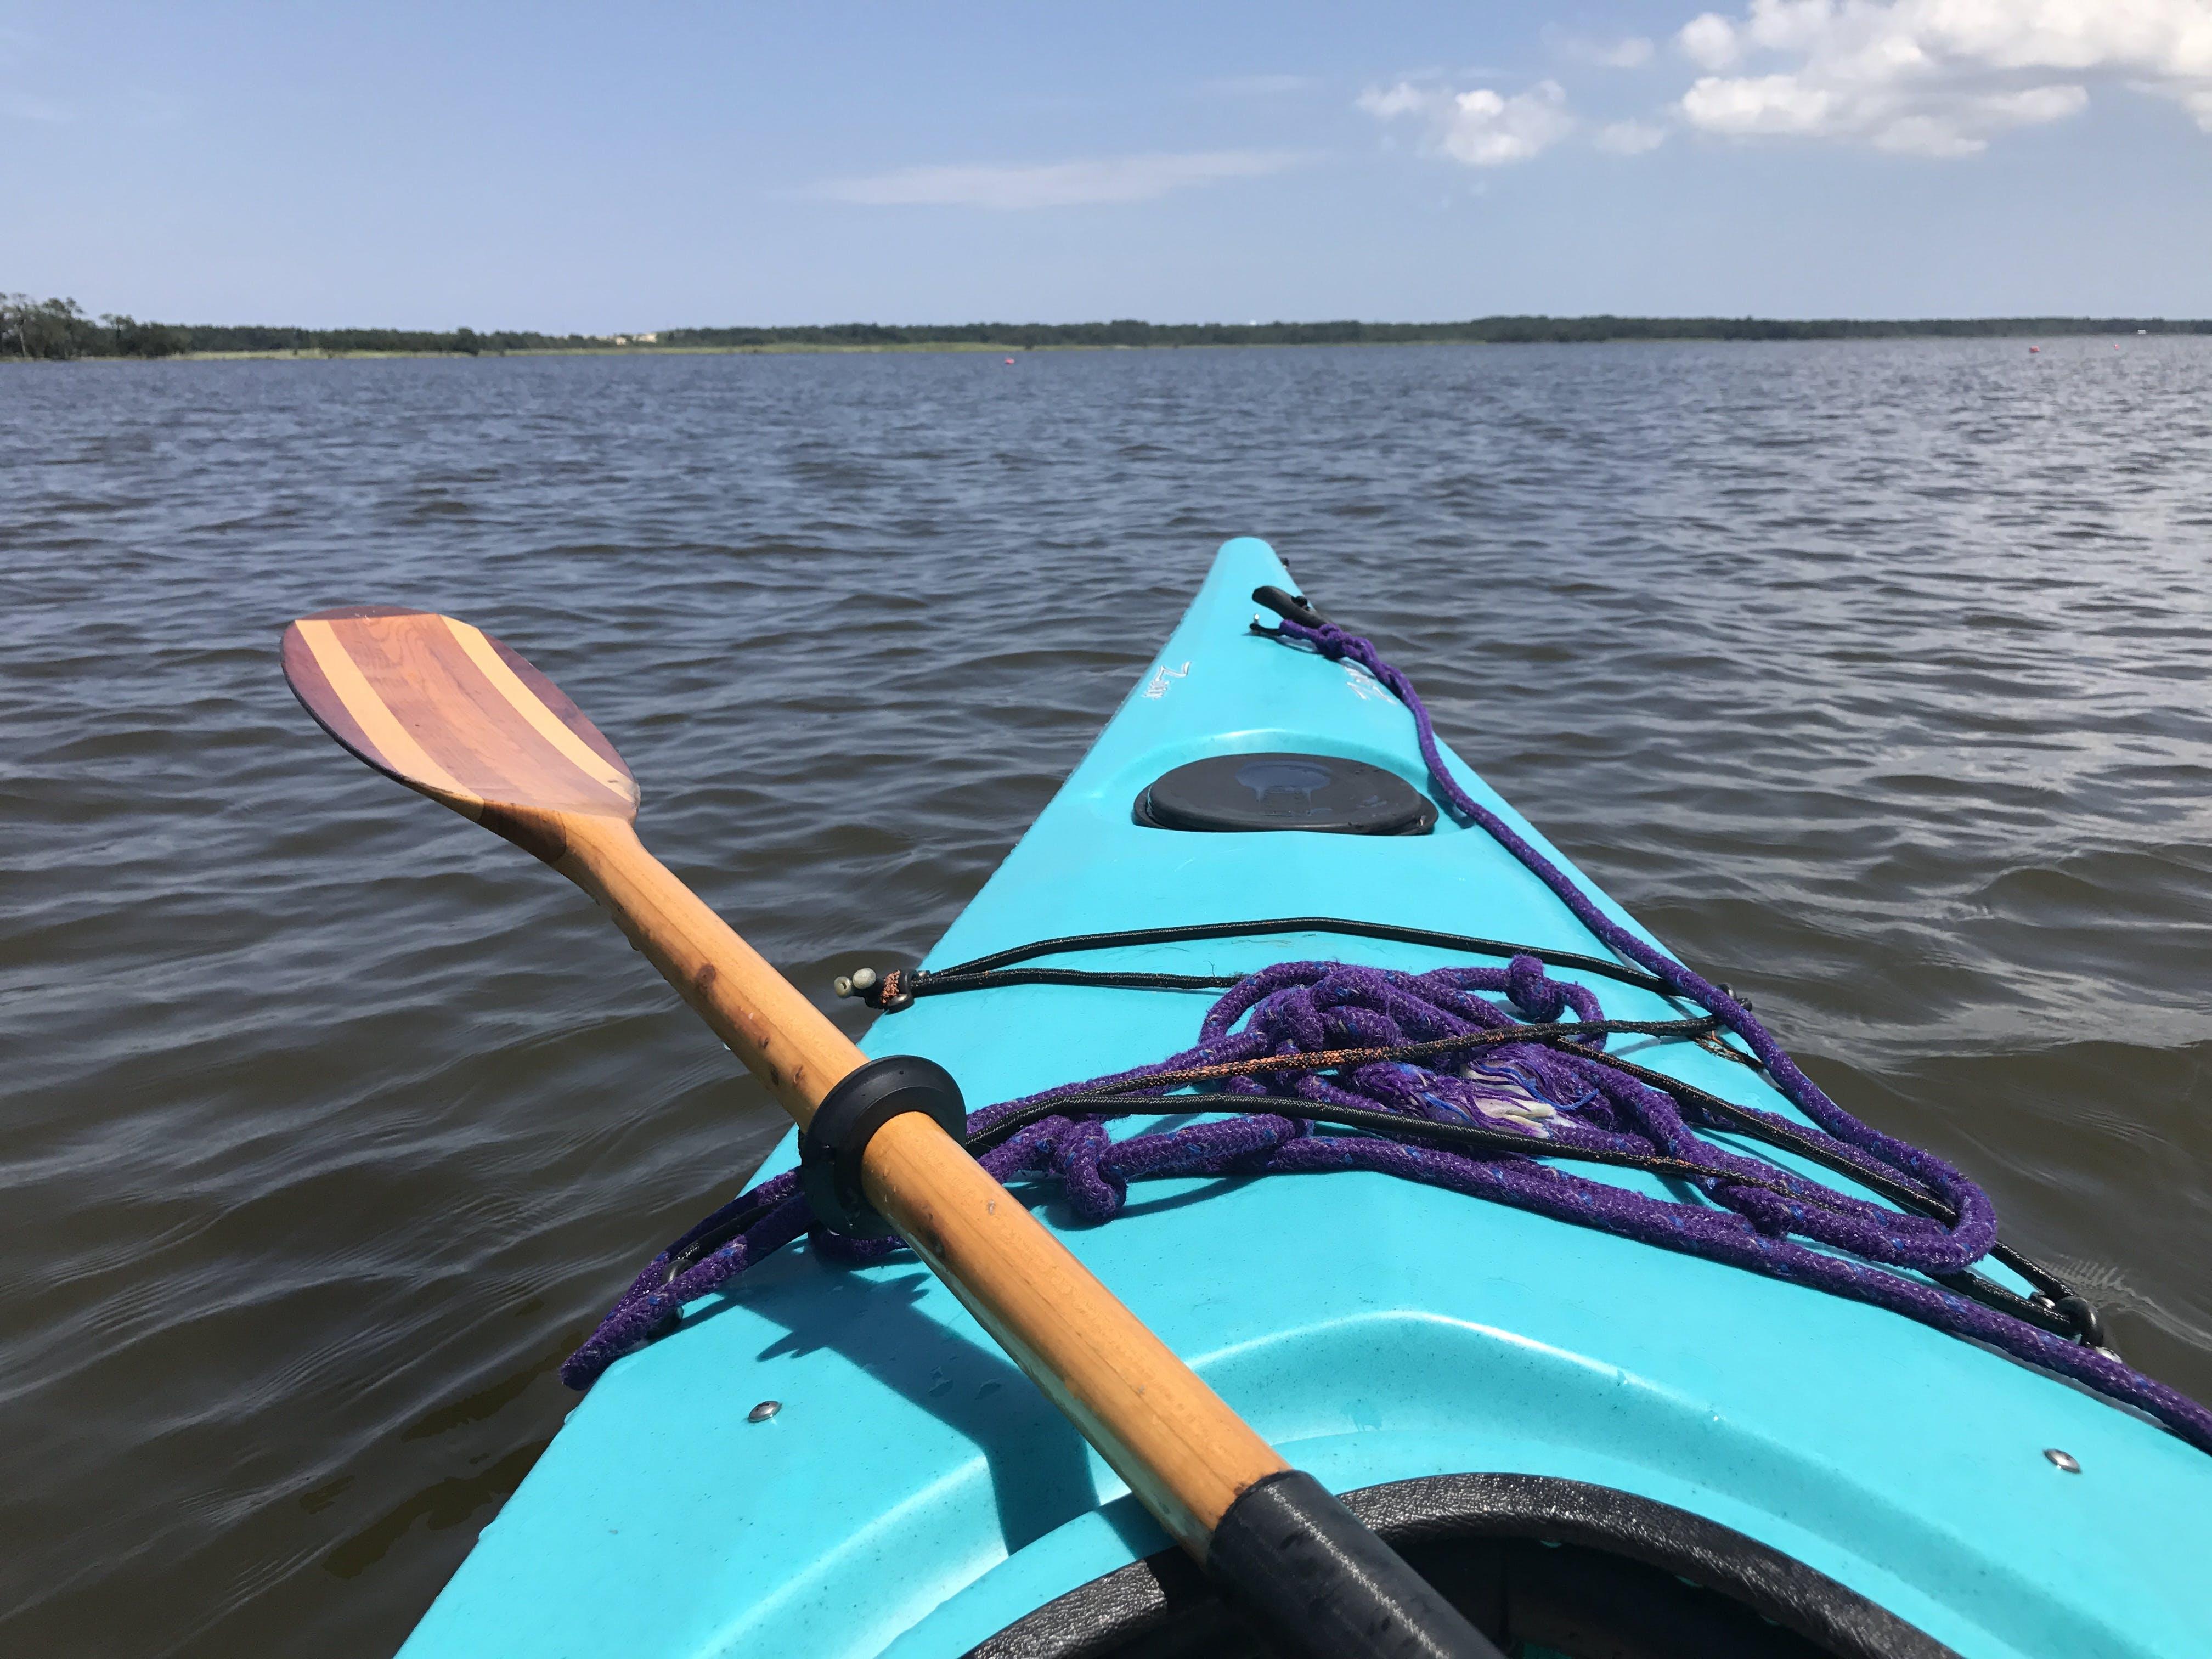 Free stock photo of kayak, boating, kayaking, body of water